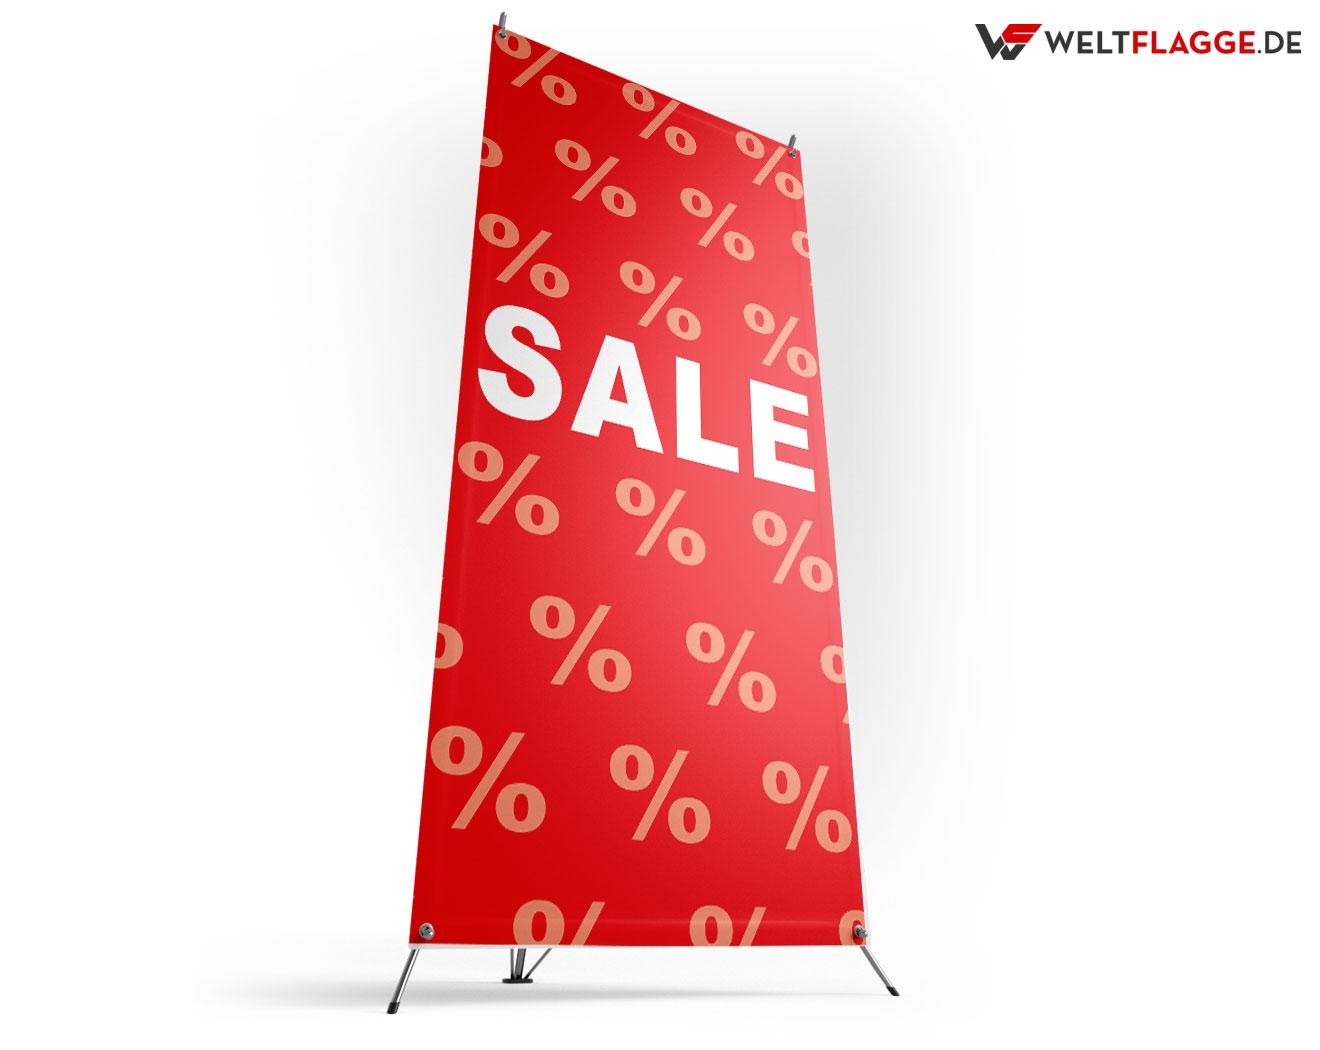 SALE X-Banner bedrucken lassen